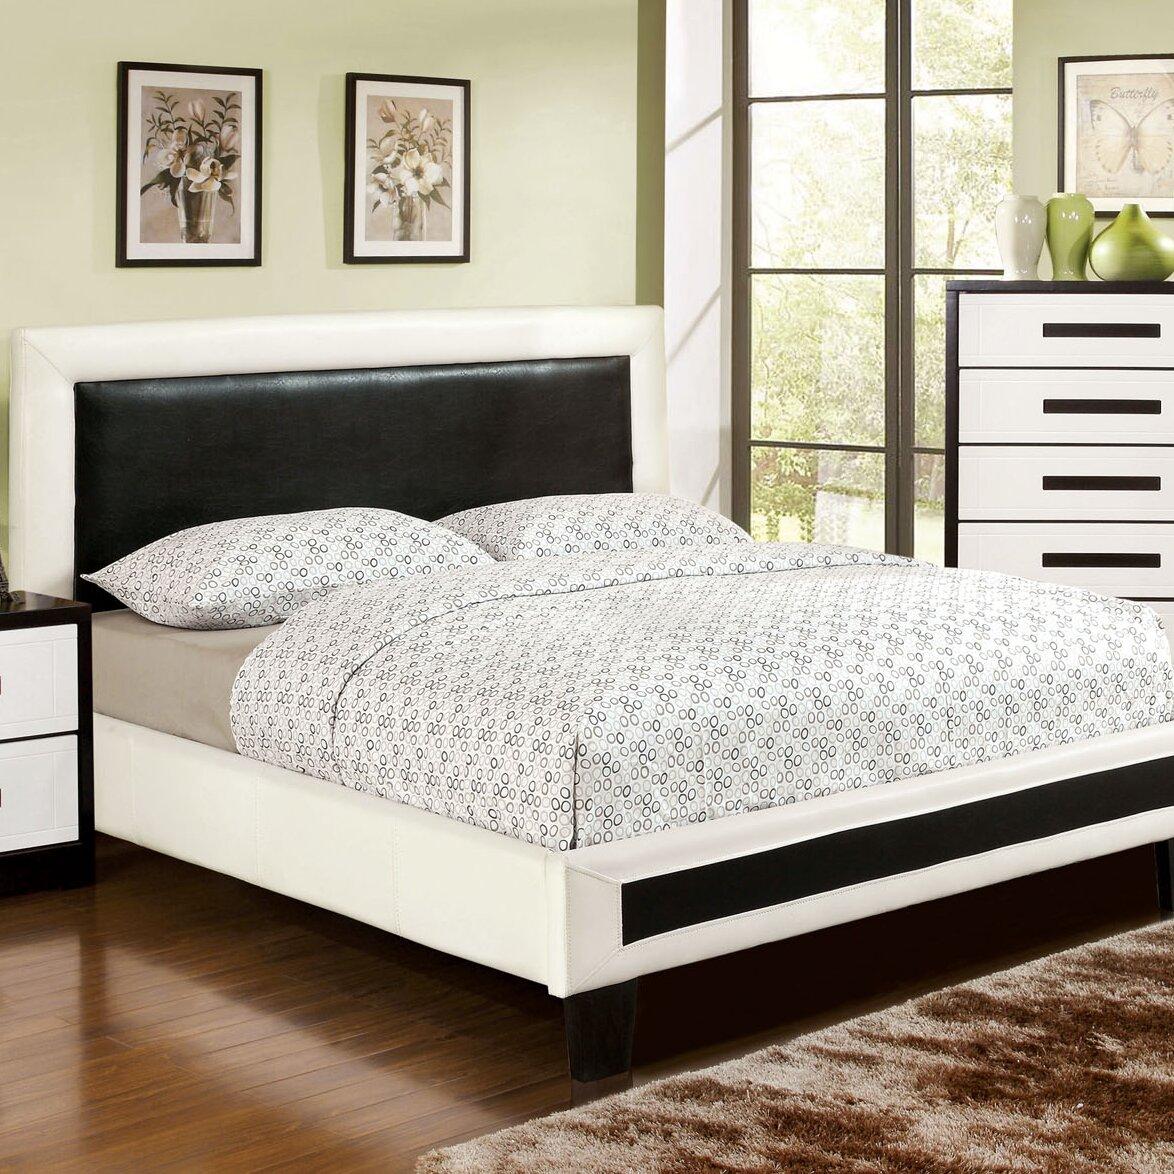 Hokku Designs Hokku Designs Upholstered Platform Bed Reviews Wayfair